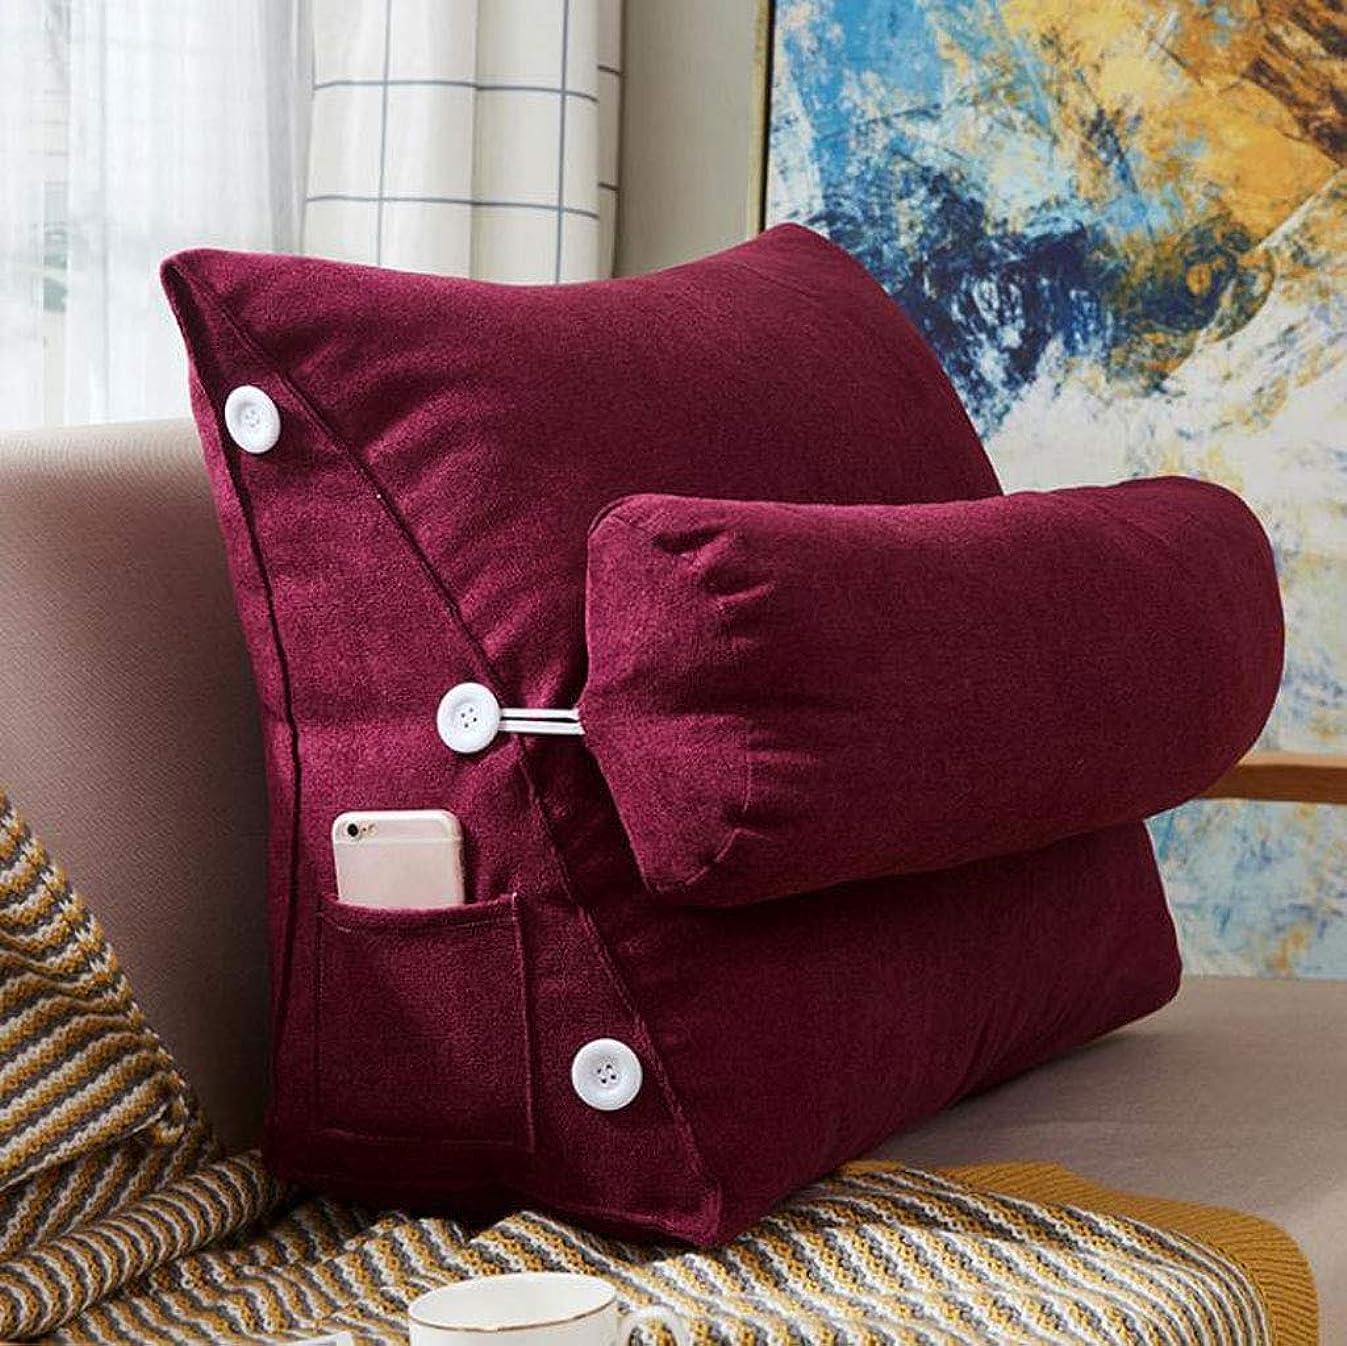 ブリーフケース節約レンダー31-luoshangqing 枕枕三角形バックレストベイウィンドウロング枕ソファ大きなクッションジッパー取り外し可能と洗える (Color : I, サイズ : 60*25*50cm)